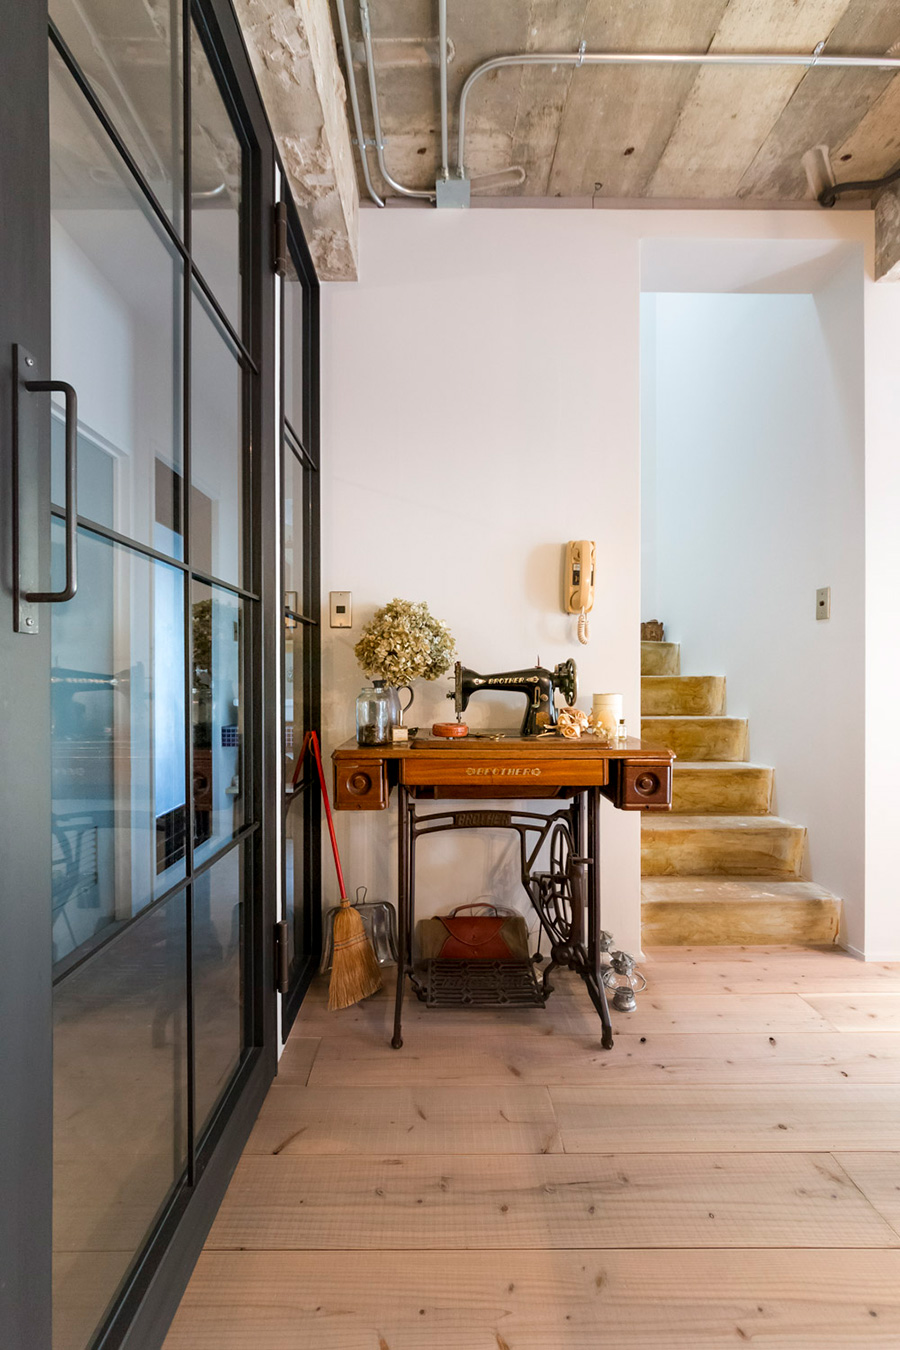 森澤宅のインテリアの雰囲気を決めているのが、古いミシンと、玄関とリビングを仕切るガラスのドアだ。